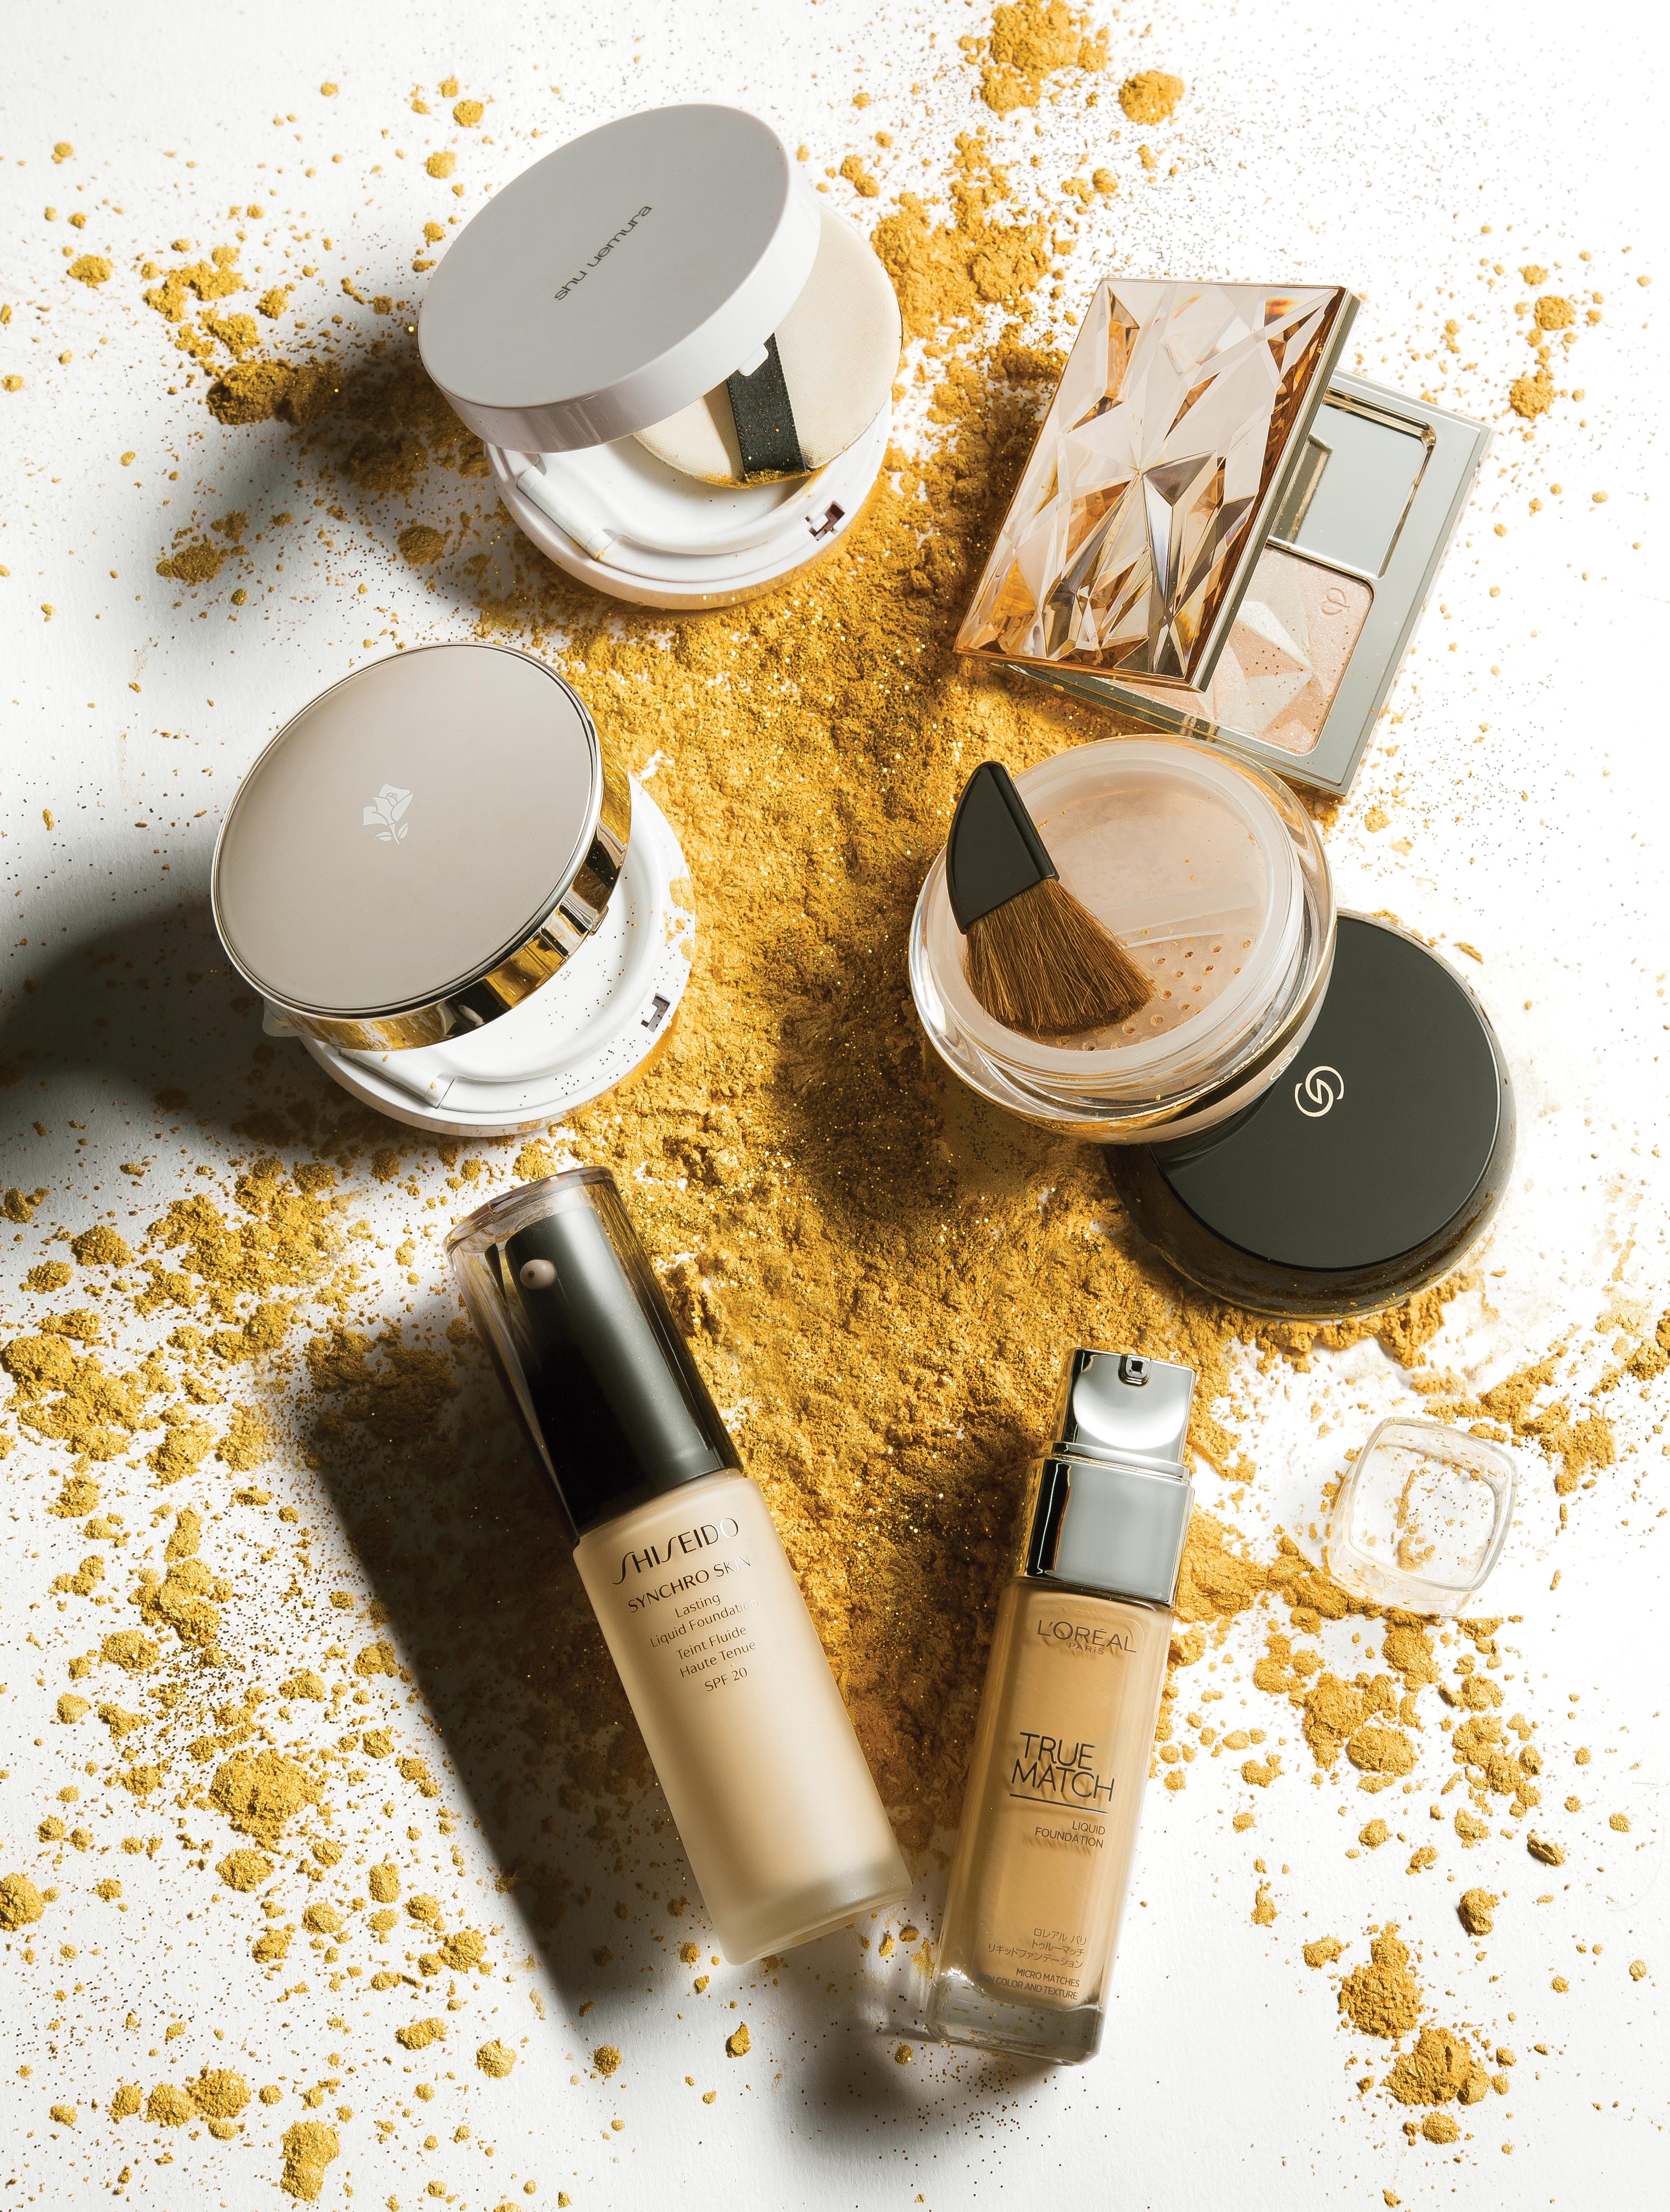 Các sản phẩm trang điểm nền ngày càng đa năng, phong phú về chất liệu và màu sắc thích hợp với mọi loại da.